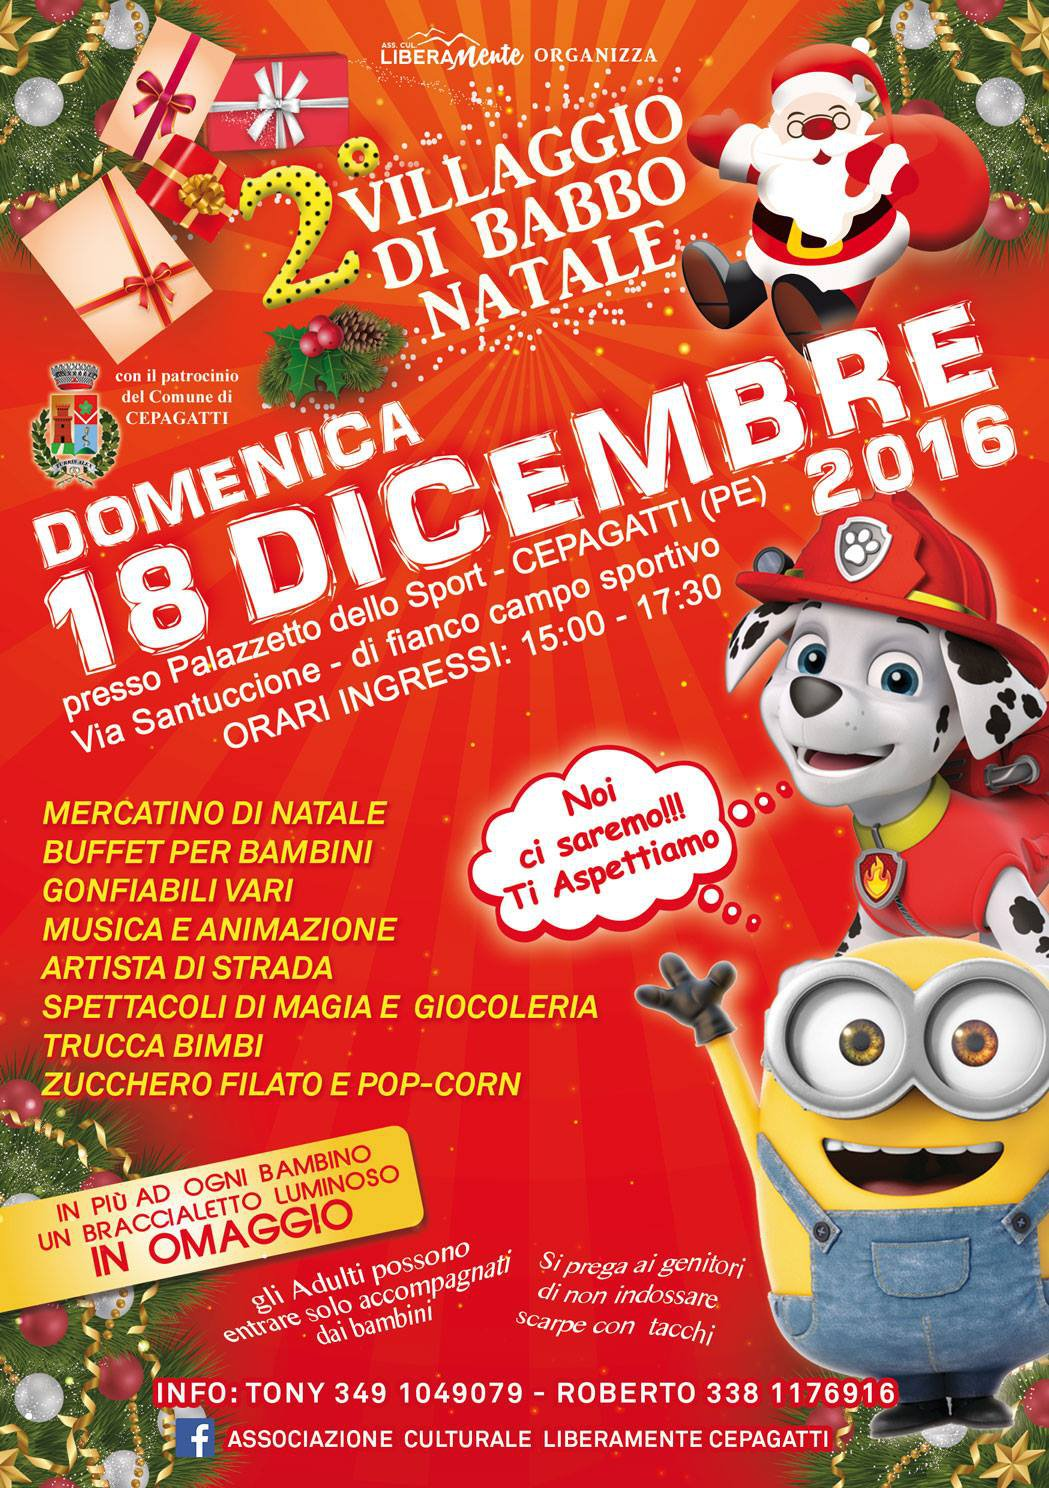 Villaggio di Babbo Natale a Cepagatti il 18 dicembre 2016  Il Mondo degli Eventi  Abruzzo